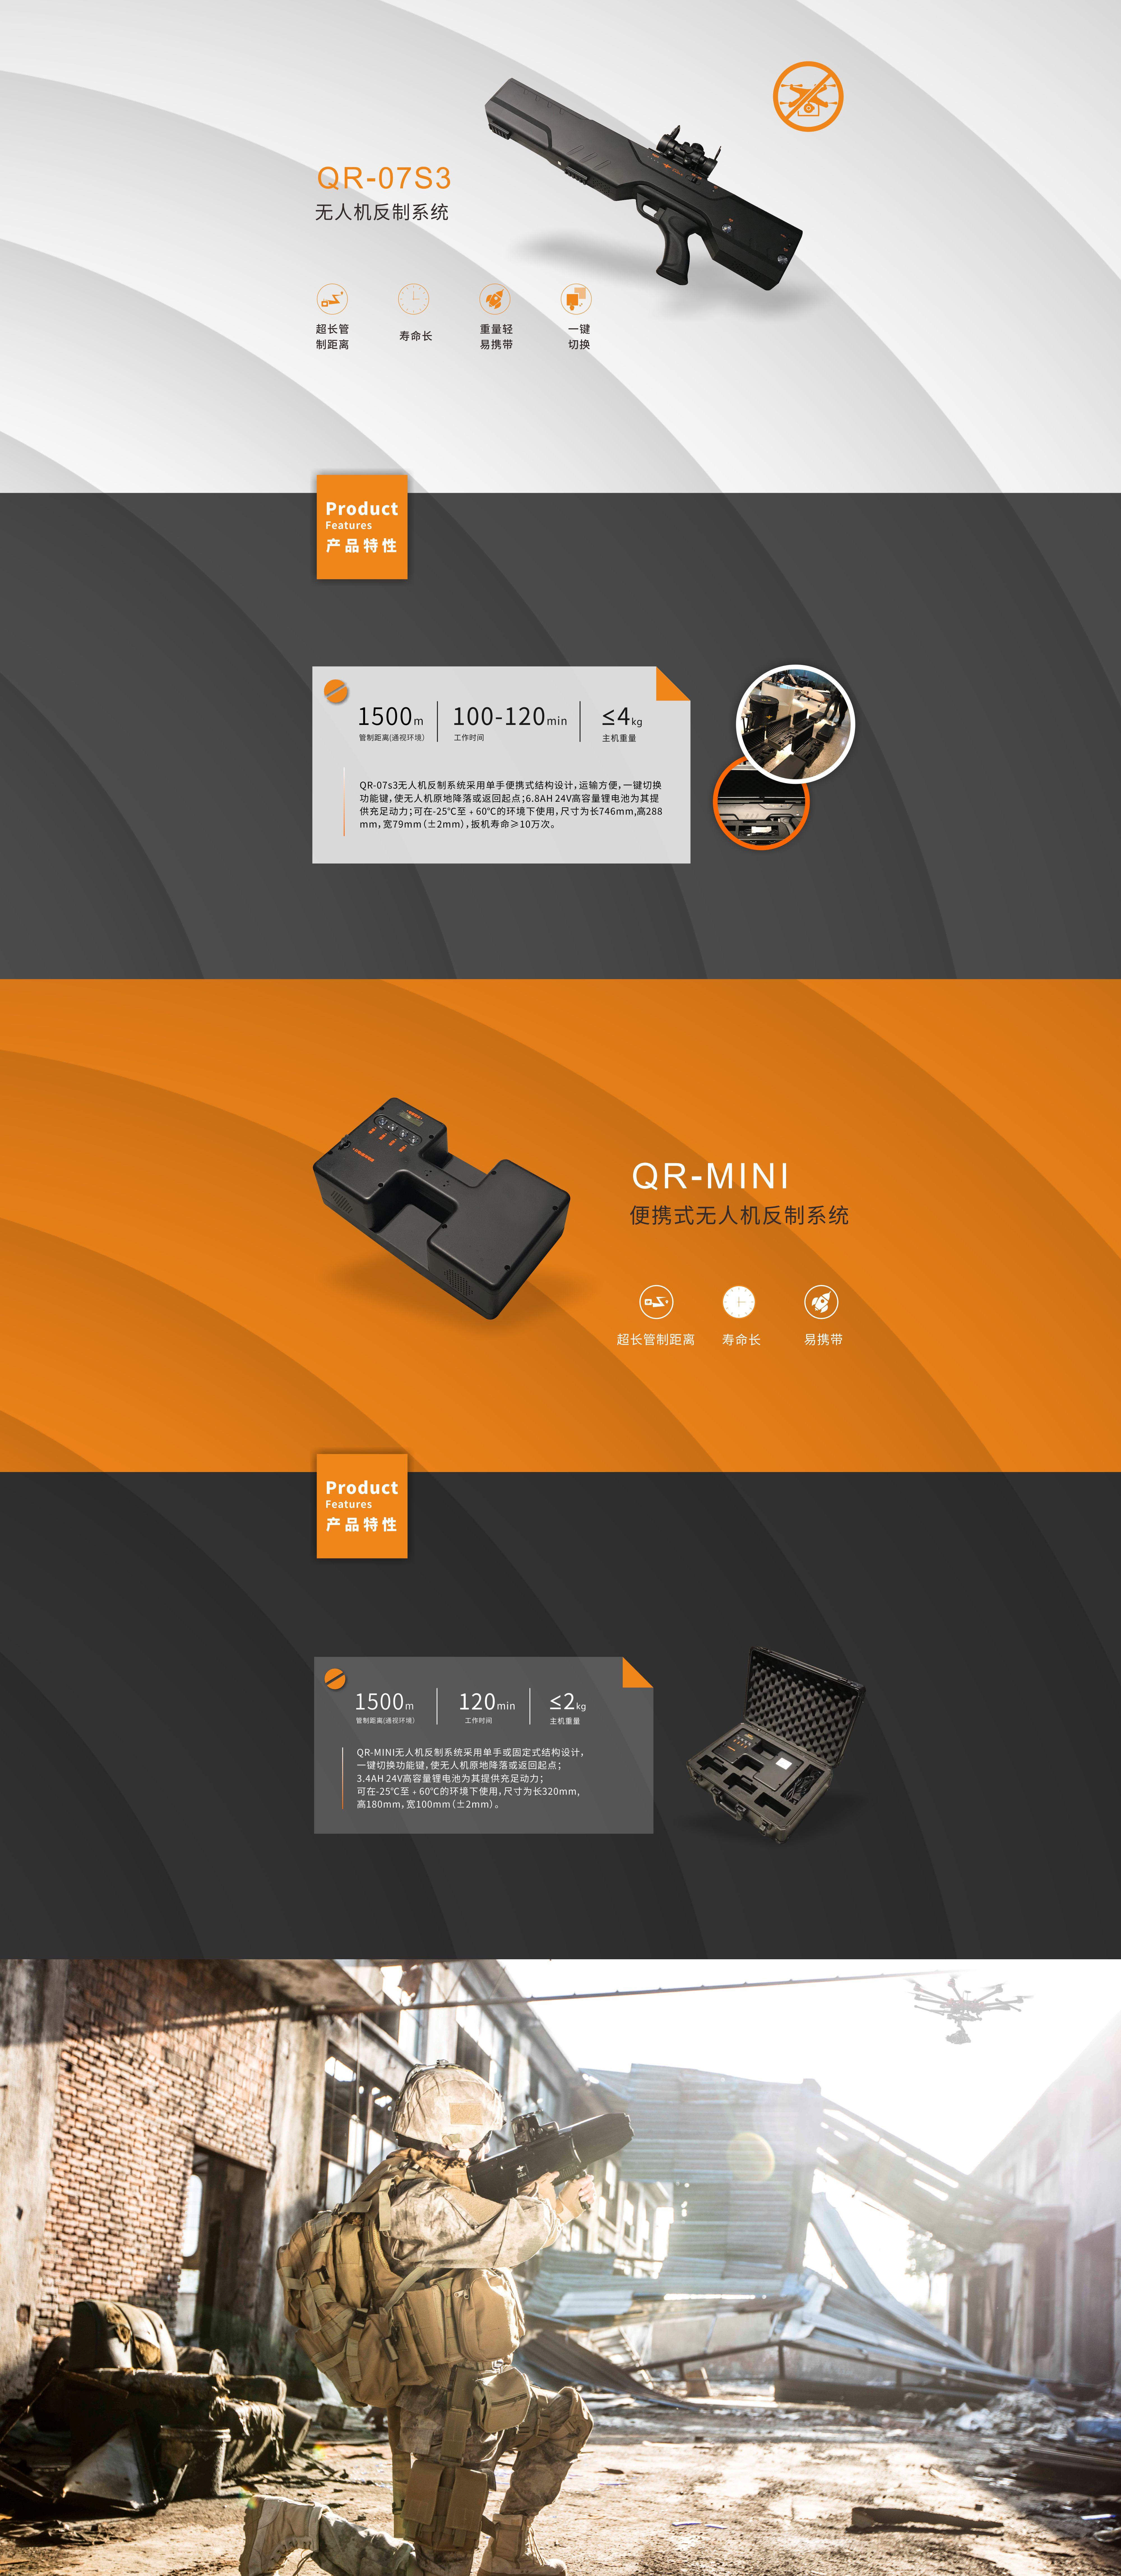 QR-07S3+QR-MINI